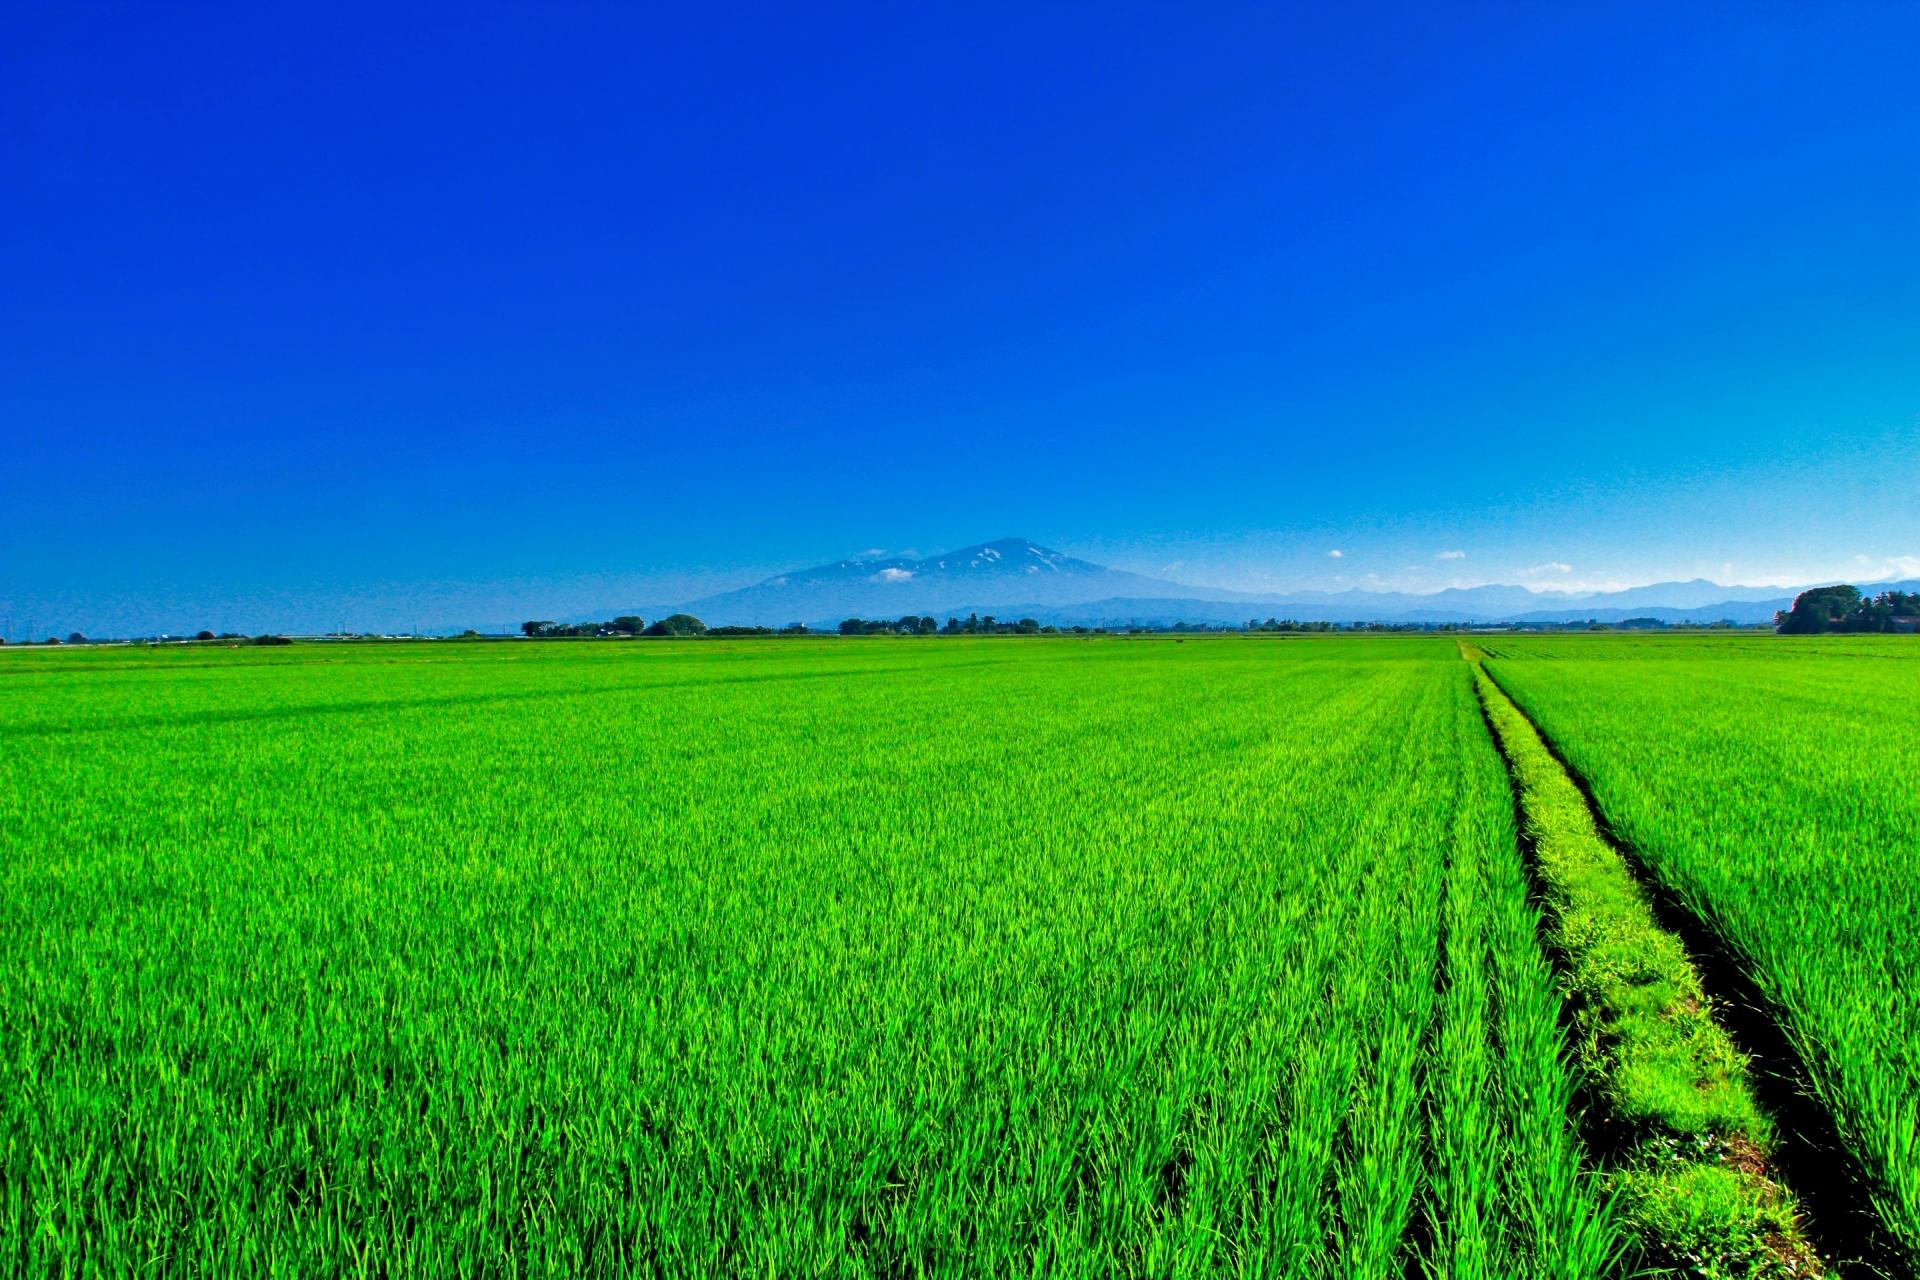 鳥海山と田園風景